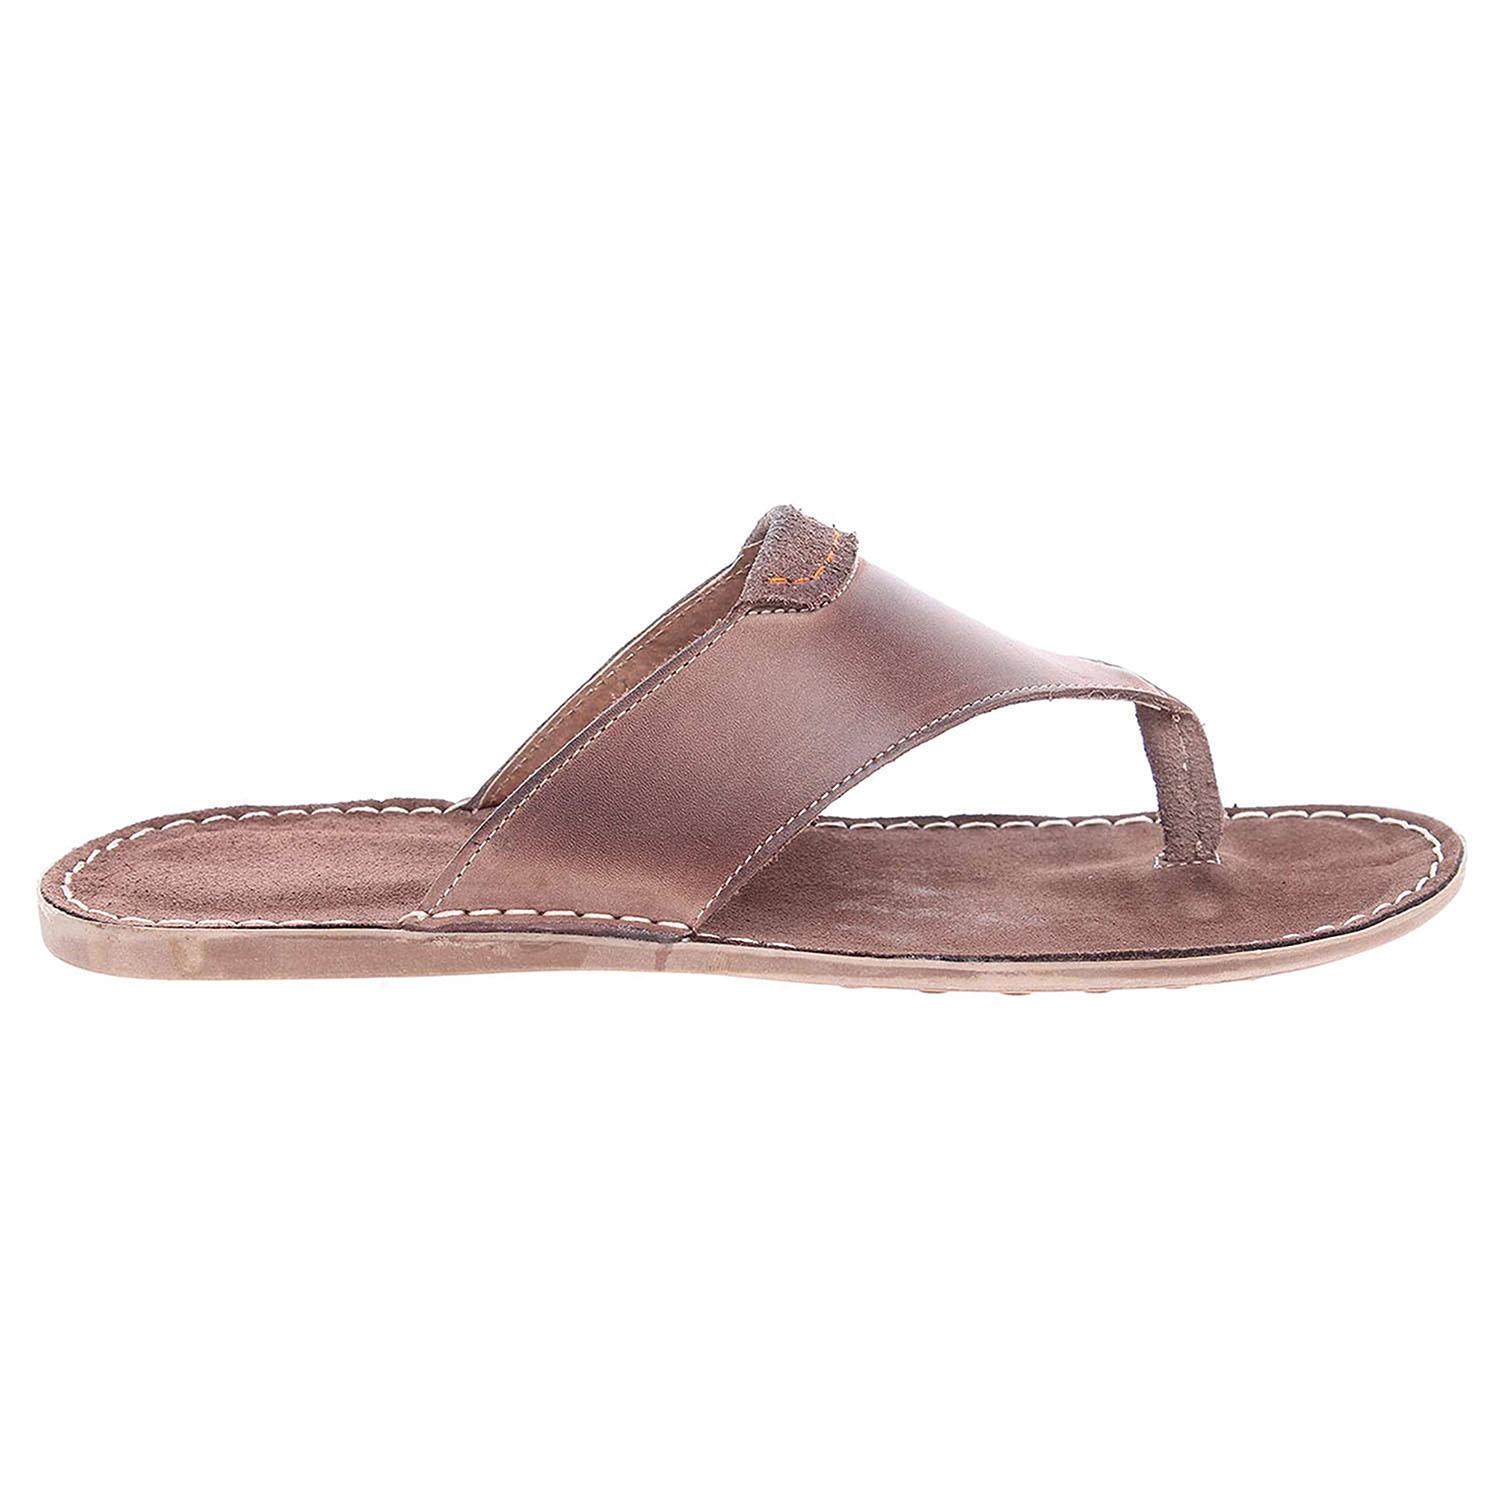 Ecco Pánské pantofle F 0376 hnědé 24900158